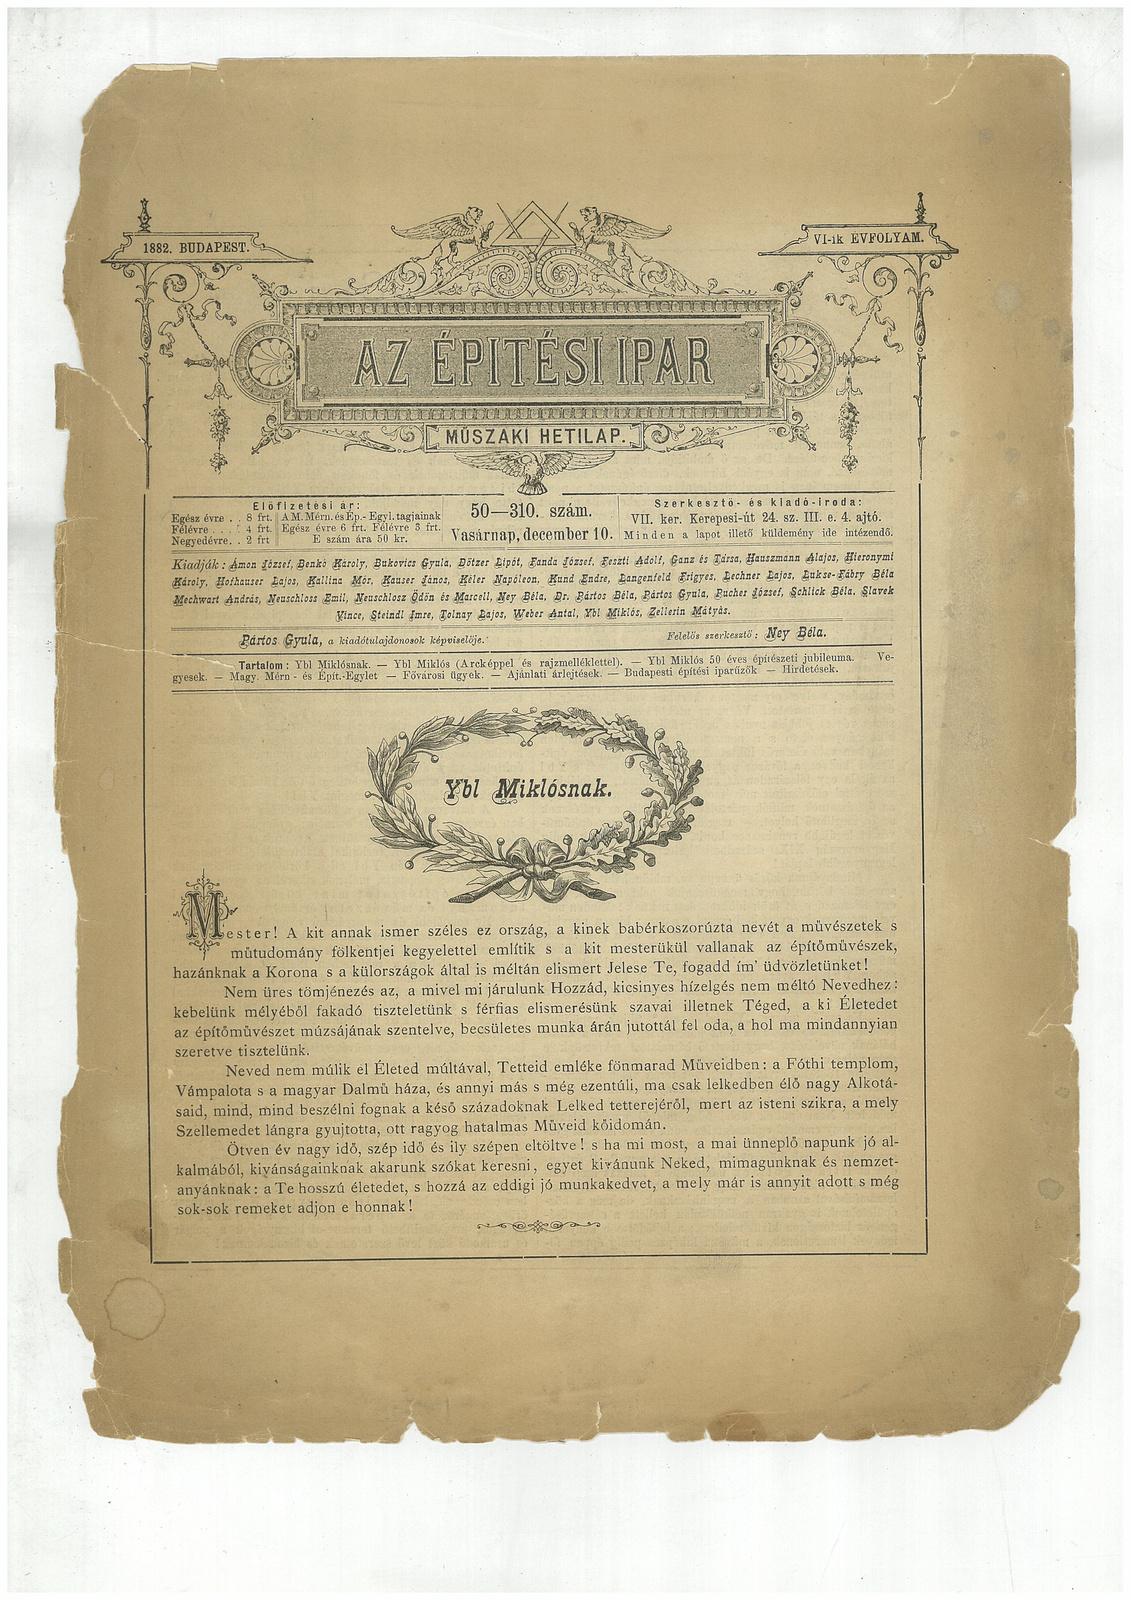 fovarosi.blog.hu: AZ ÉPÍTÉSI IPAR 1882 - indafoto.hu